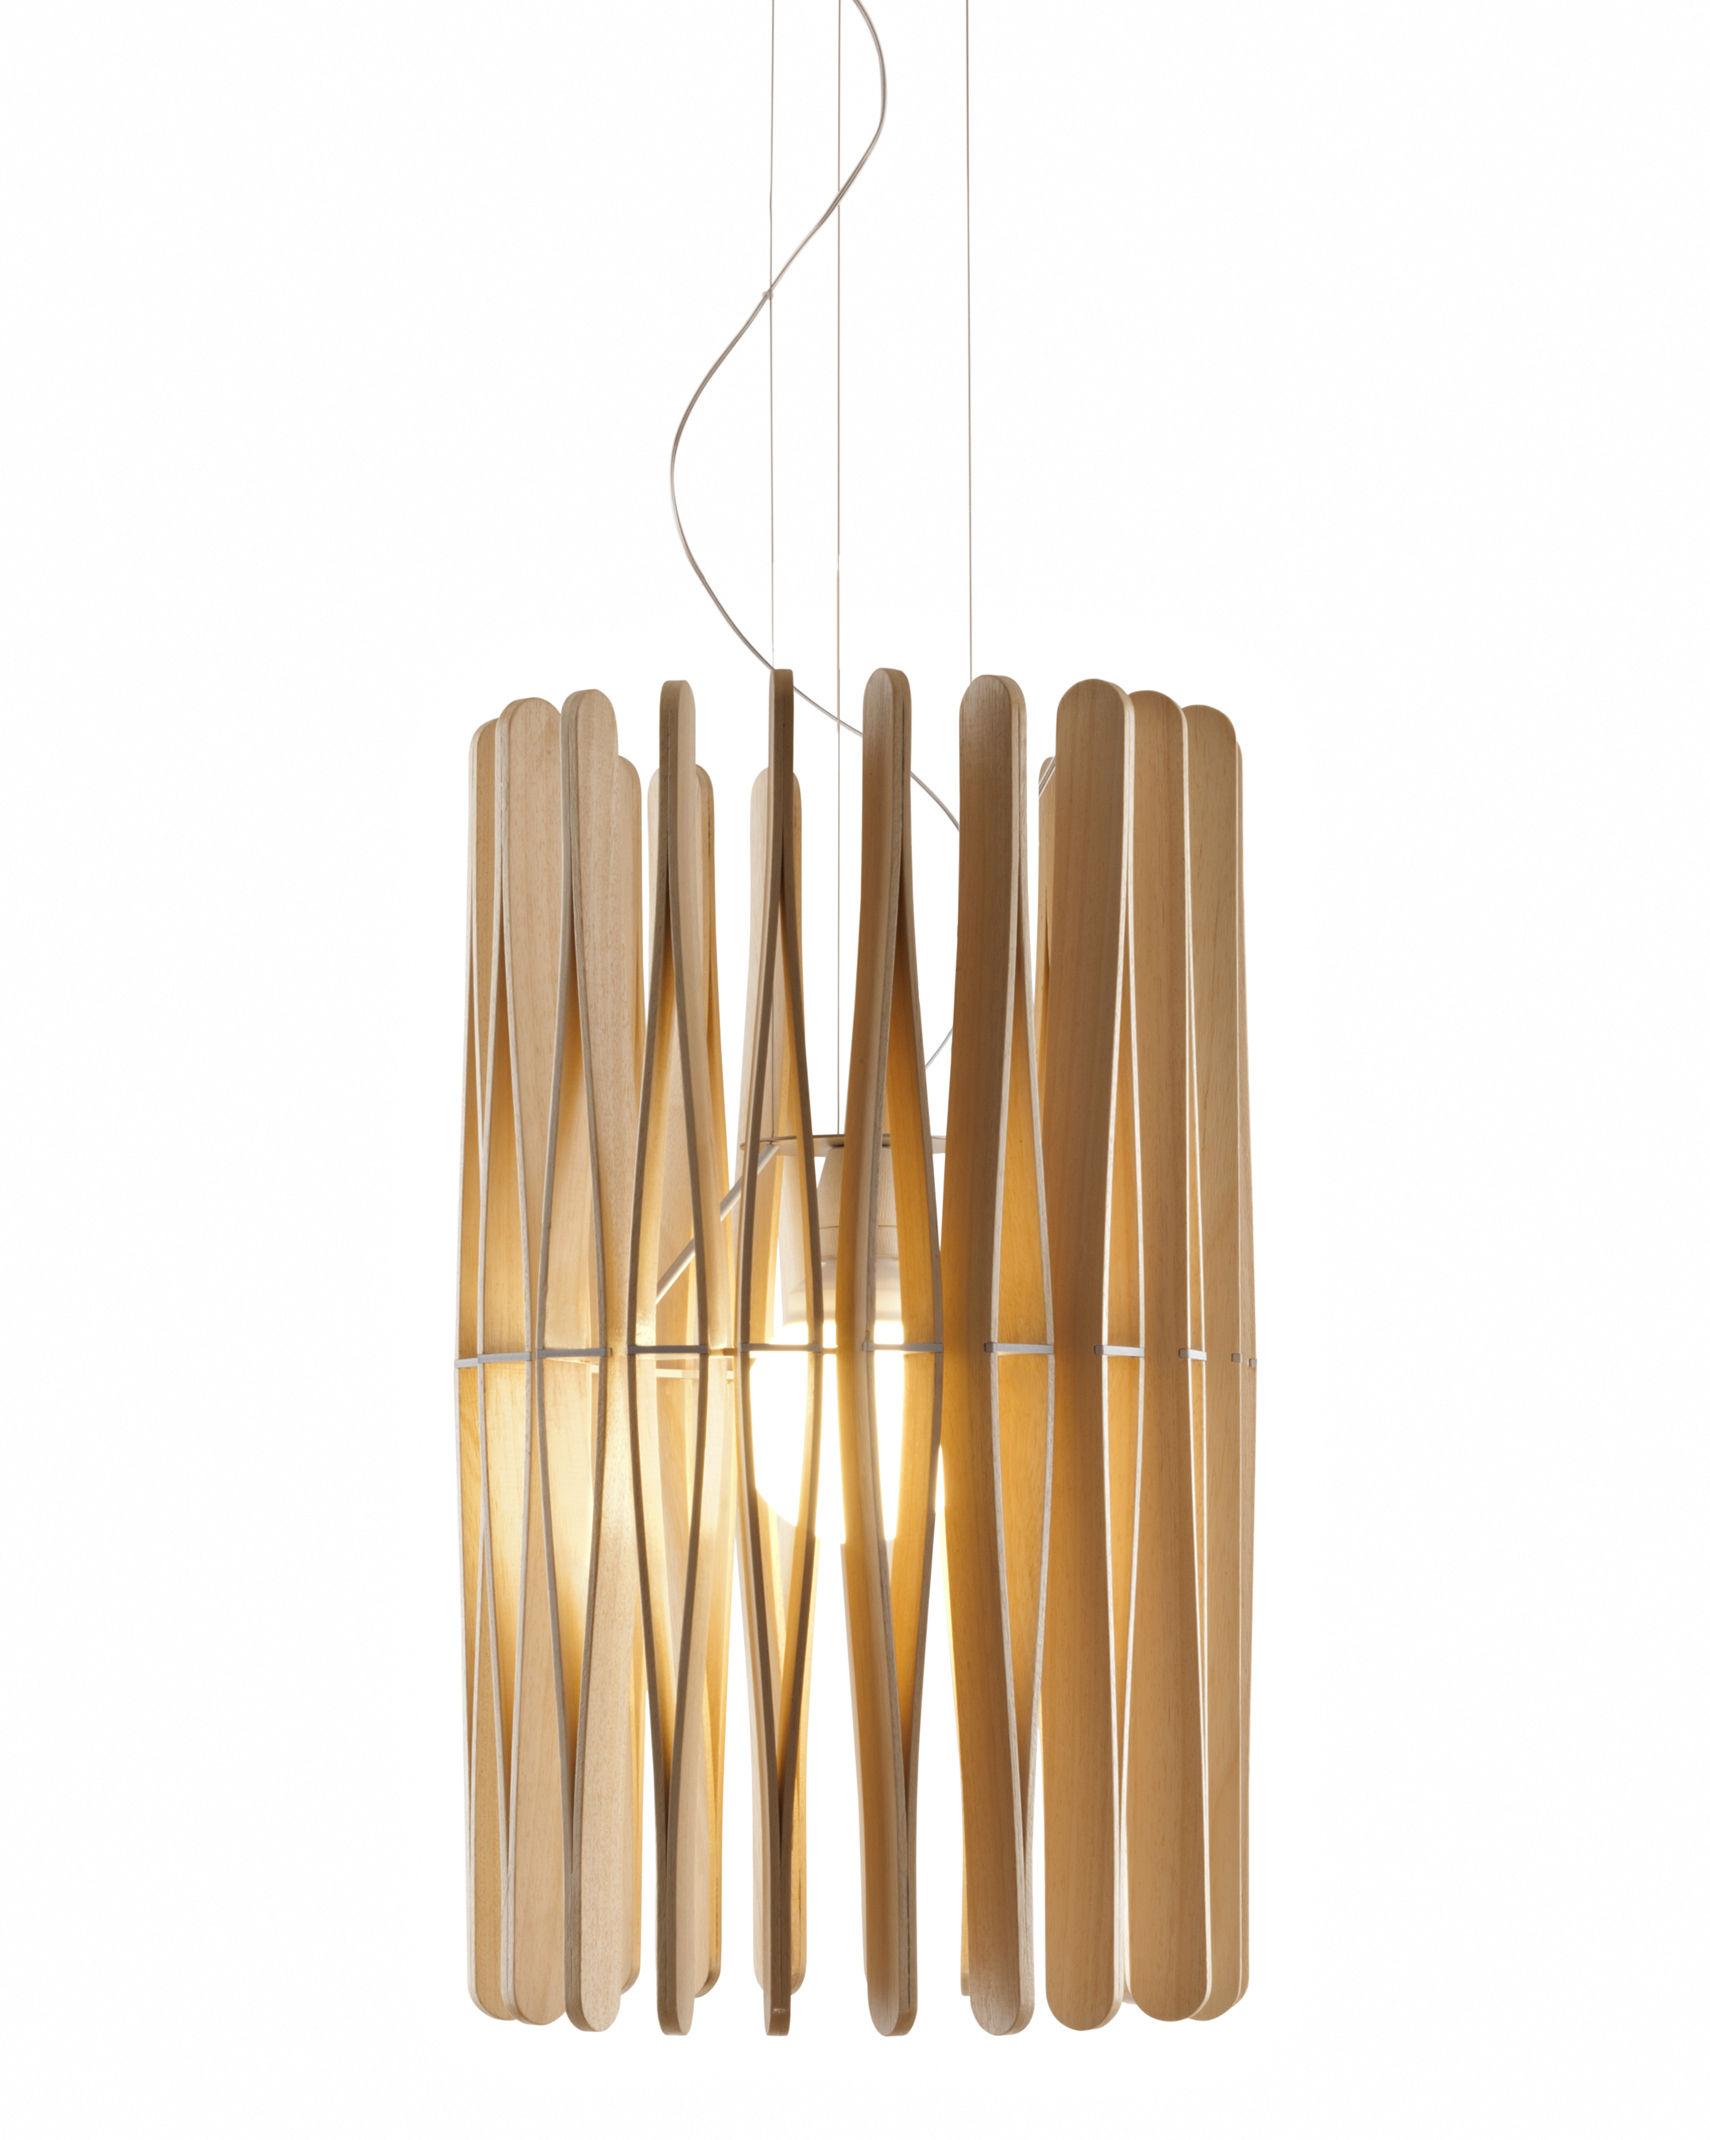 Luminaire - Suspensions - Suspension Stick 02 / Ø 43 x H 65 cm - Fabbian - Bois clair / Modèle 2 - Bois Ayous, Métal verni